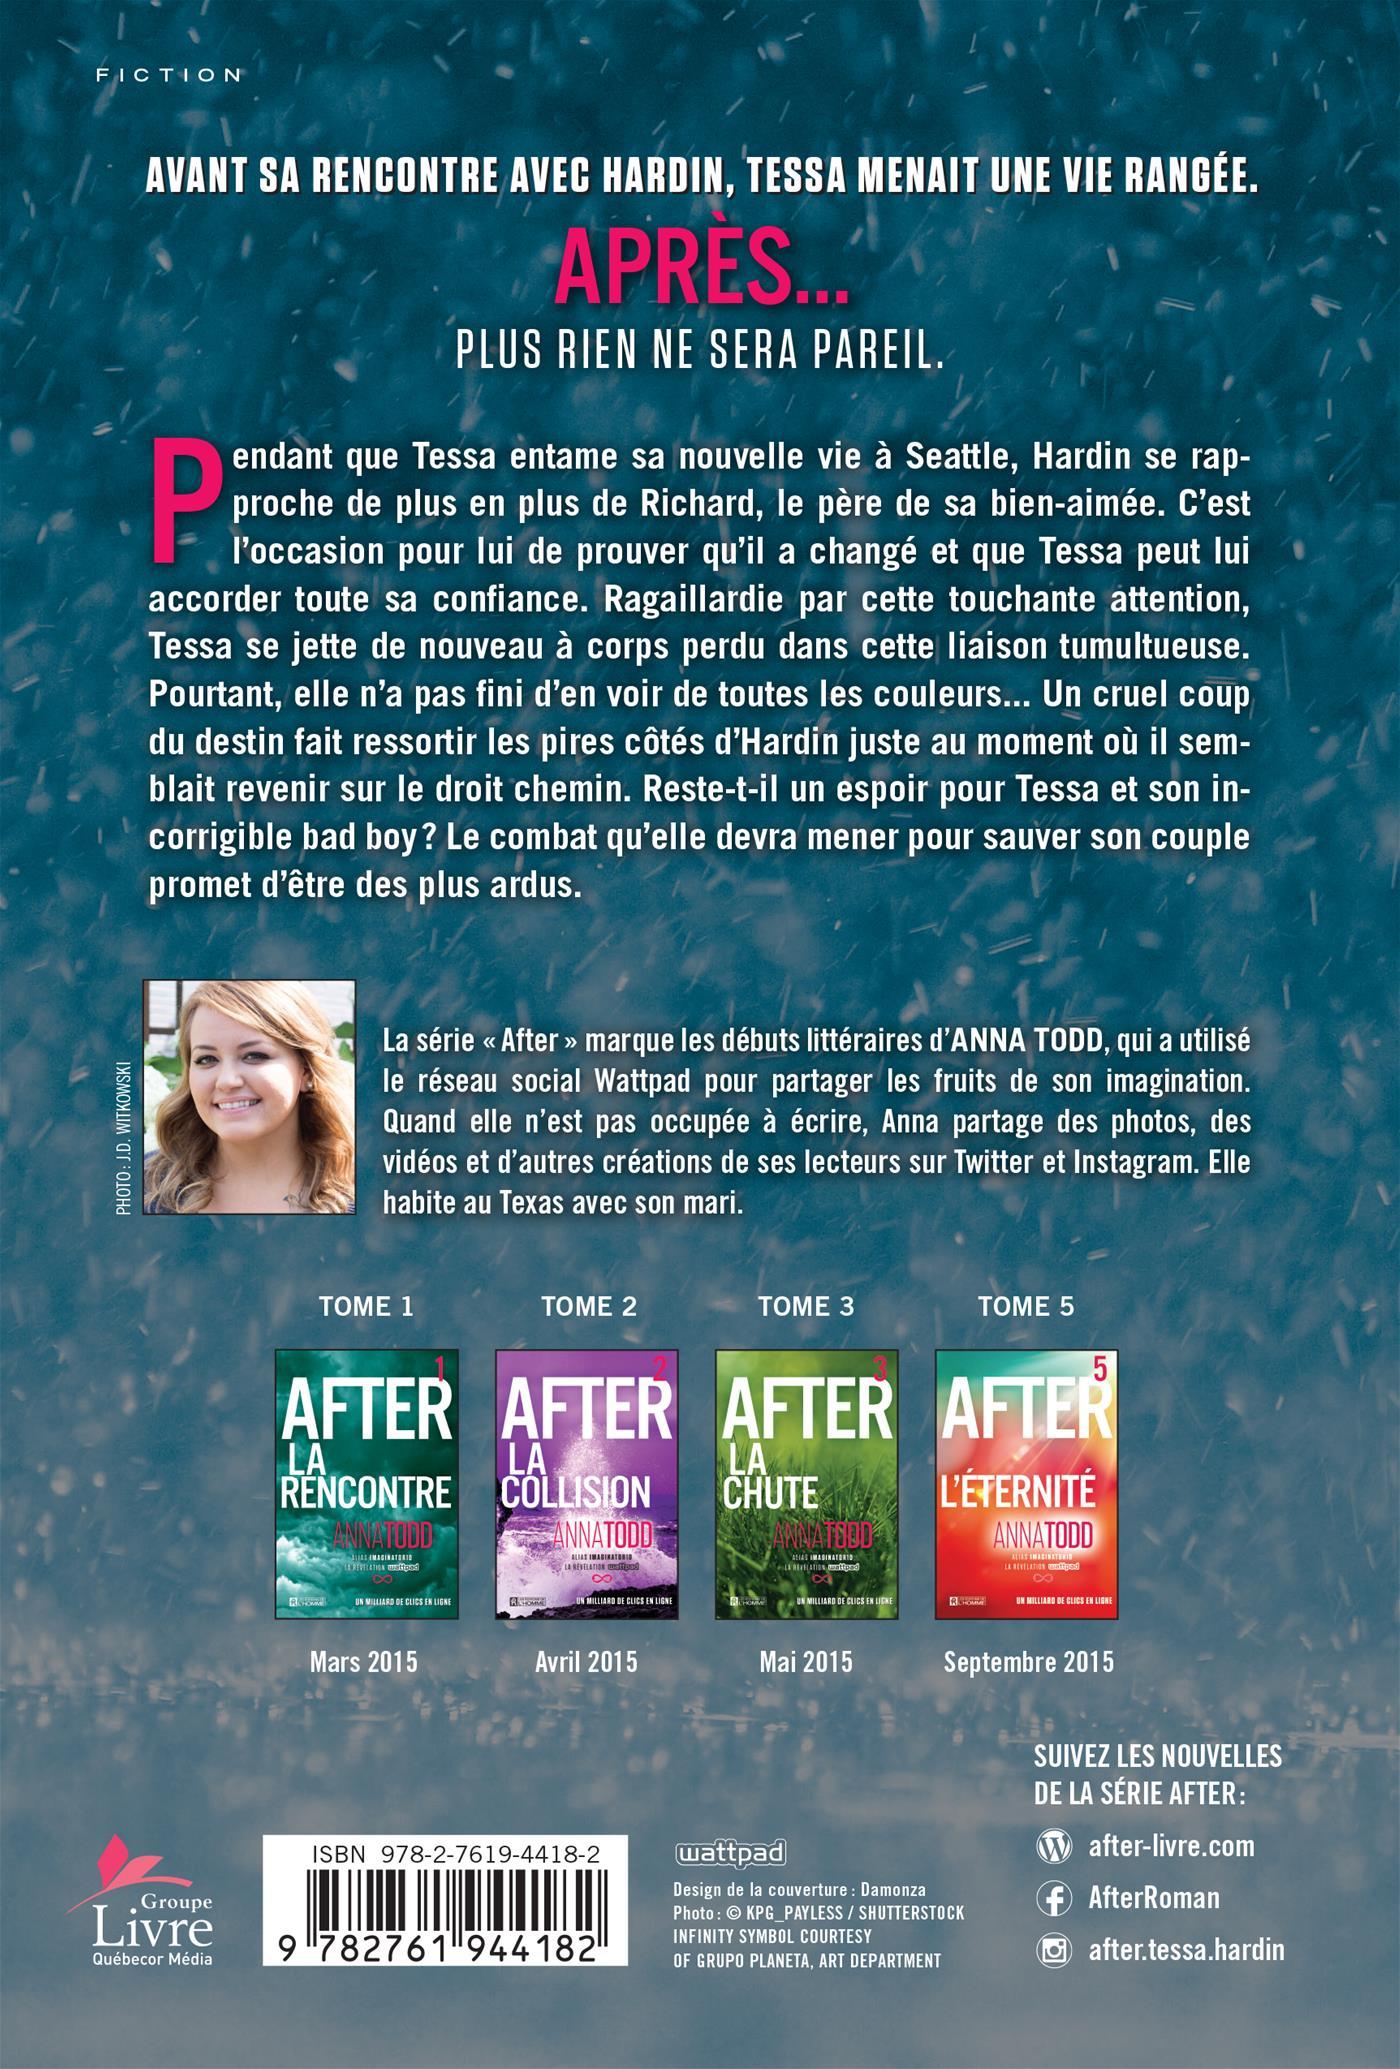 Livre After Tome 4 Le Manque Les Editions De L Homme